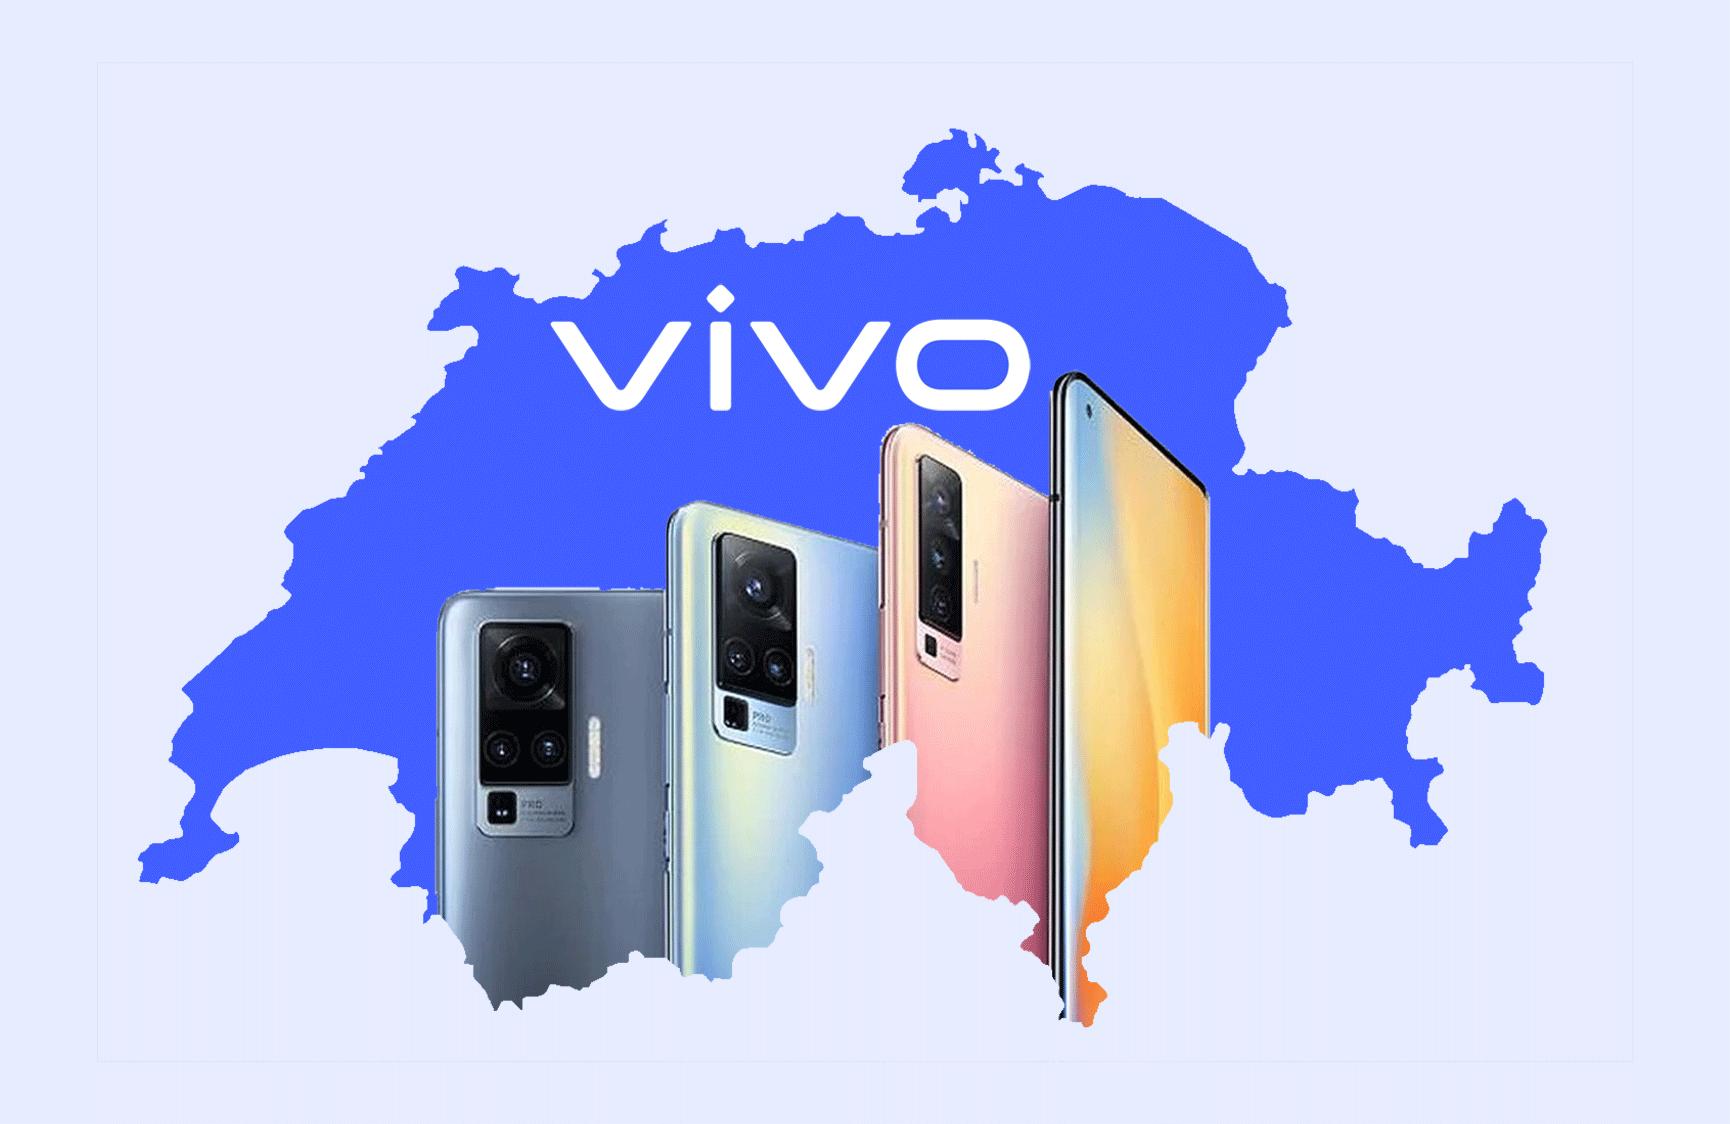 Vivo startet offiziell in der Schweiz